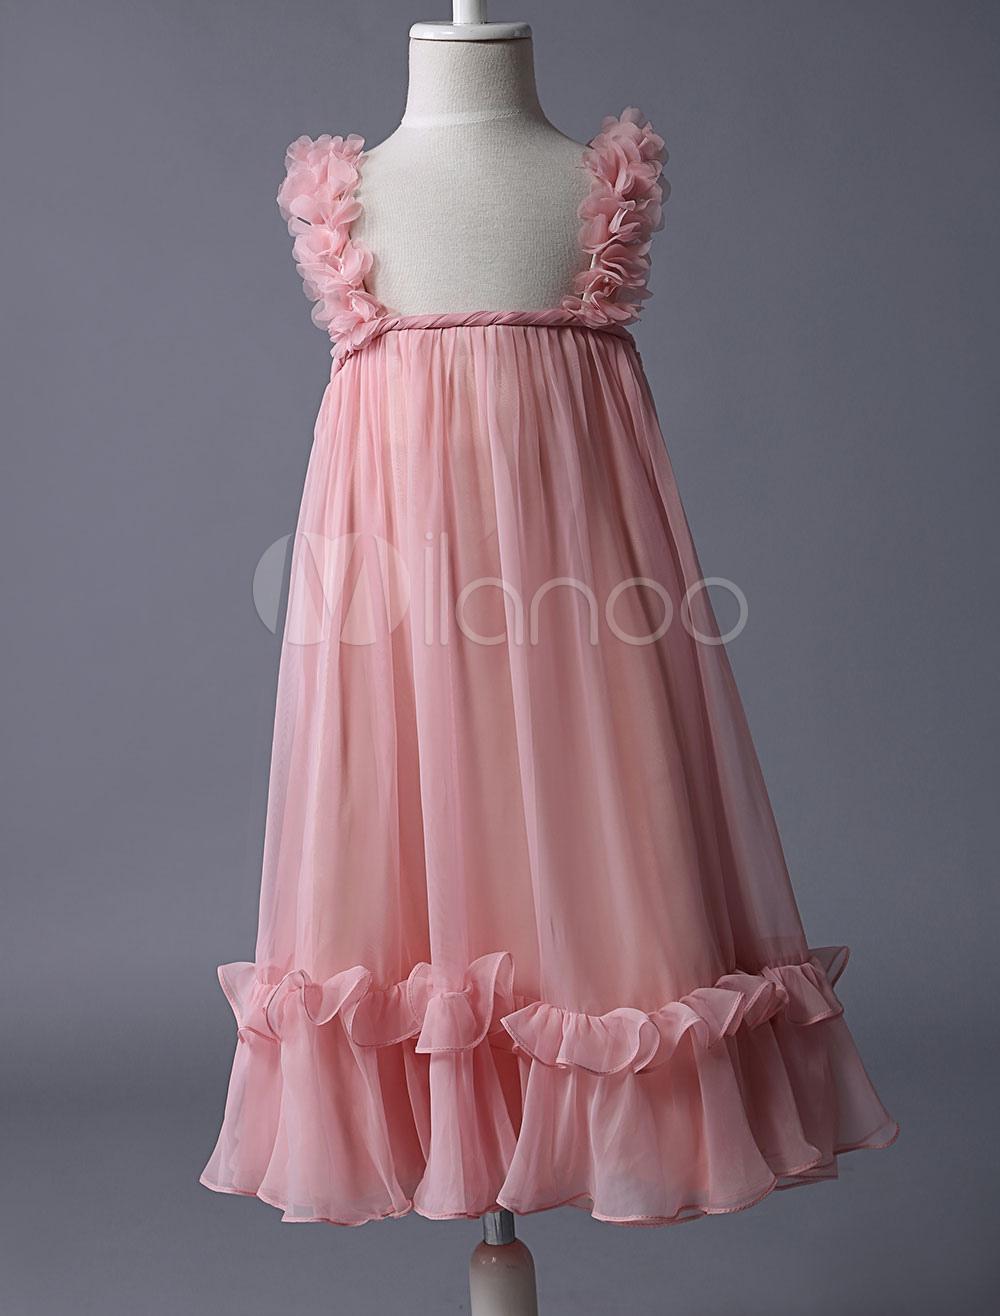 Blush Pink Flower Girl Dress Boho Ruffle Straps Chiffon Little Girls Dresses For Summer